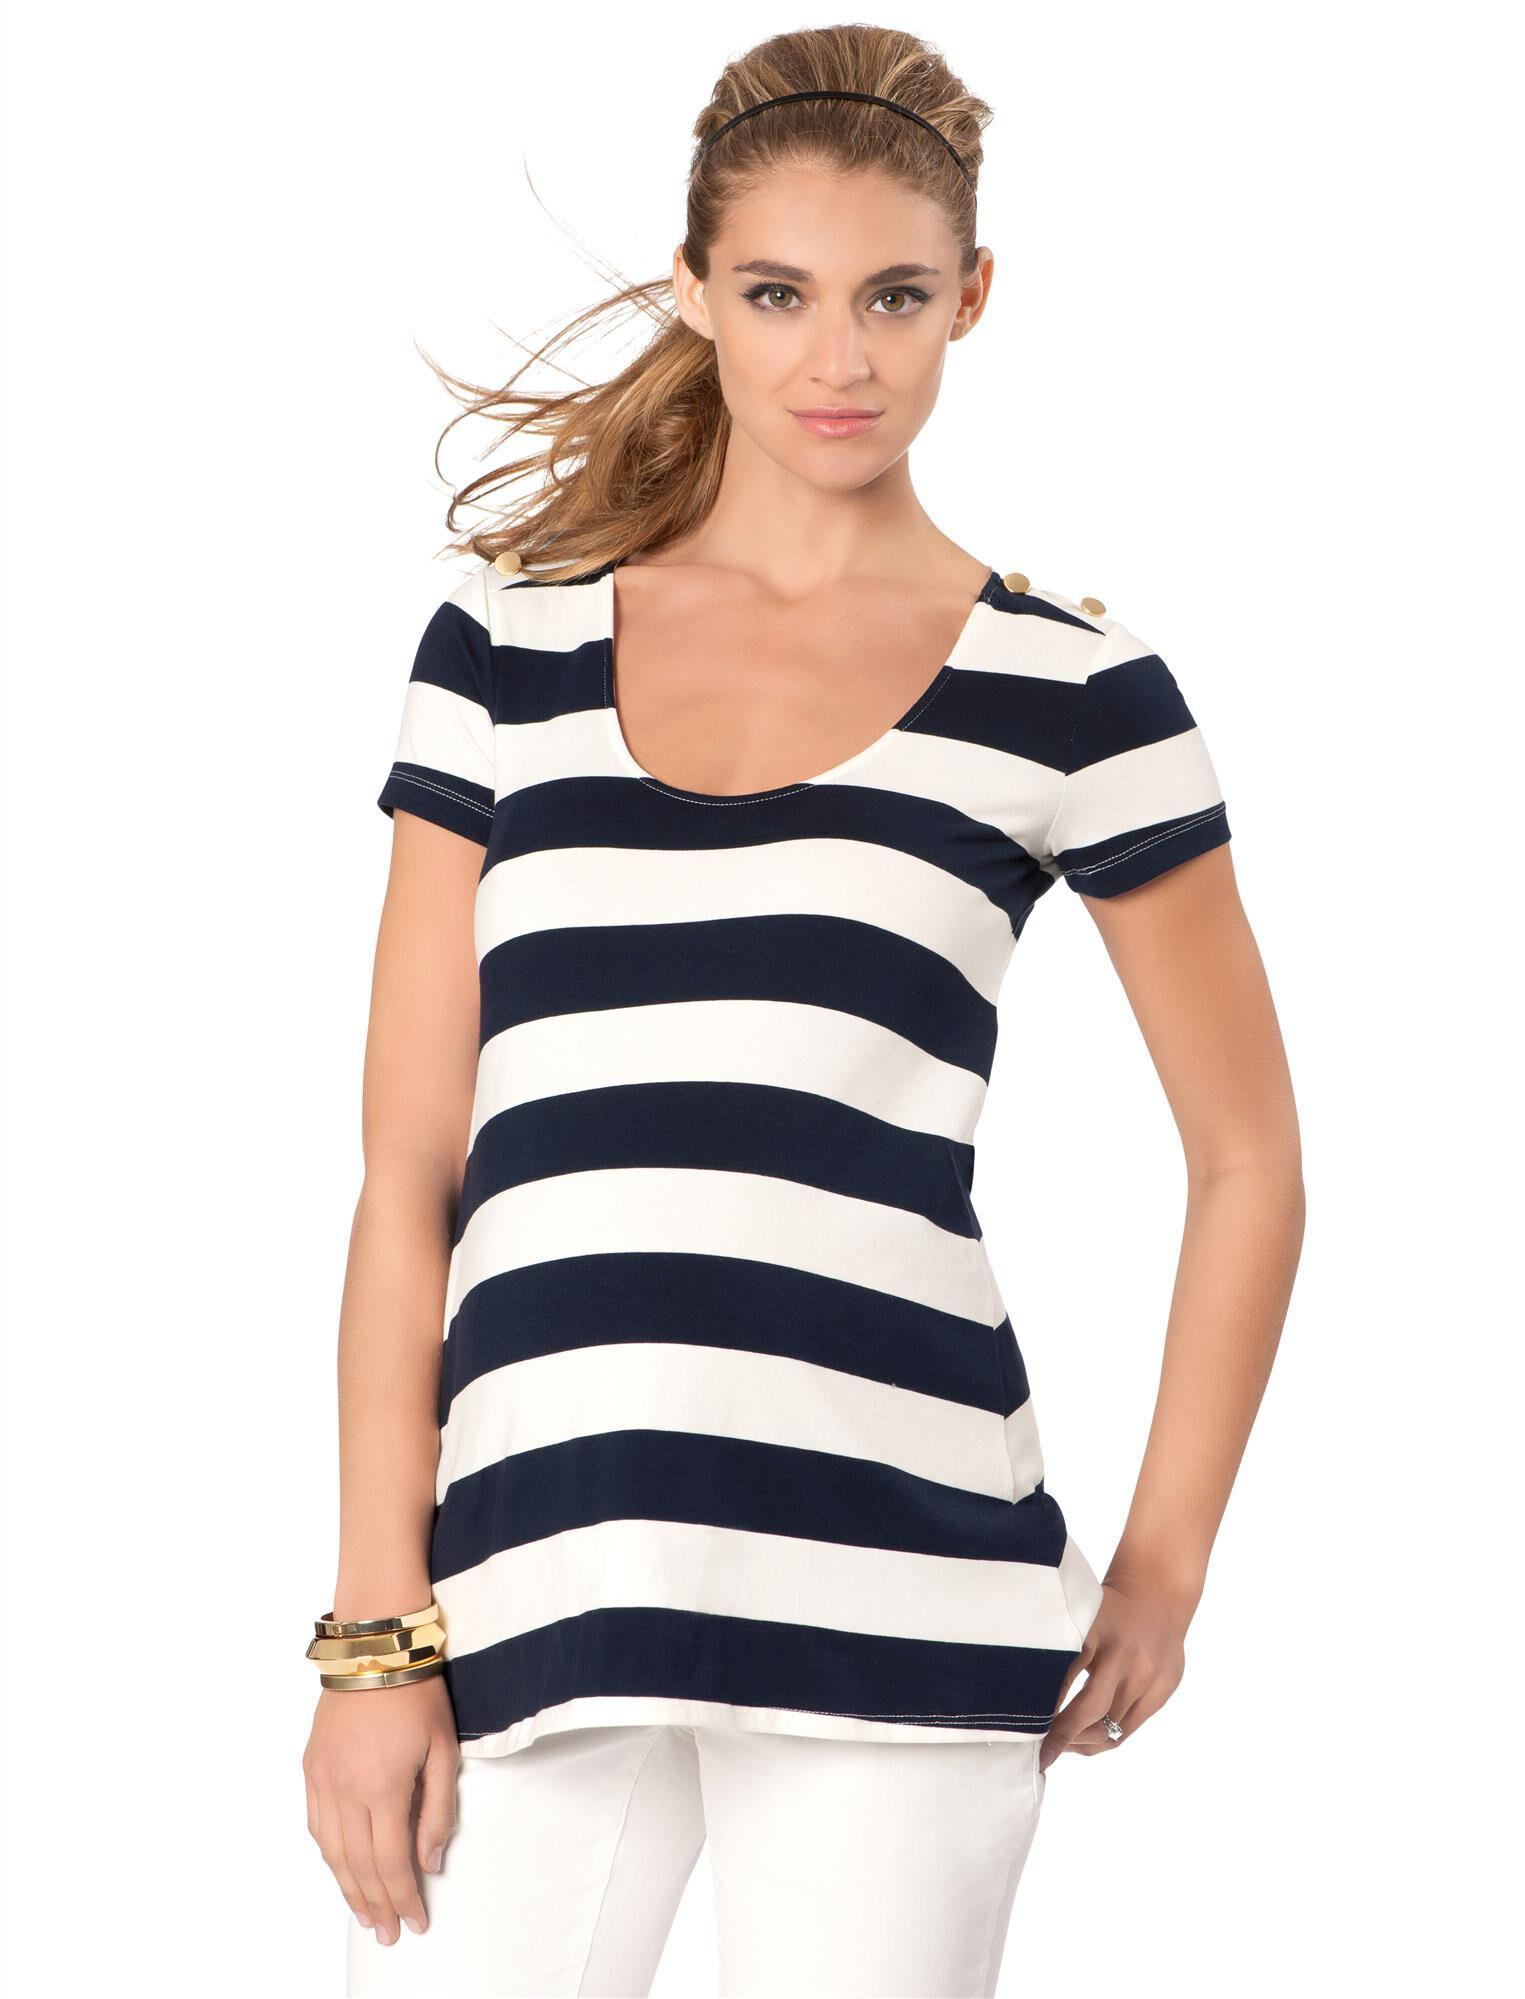 Rachel Zoe Jersey Knit Striped Maternity Top